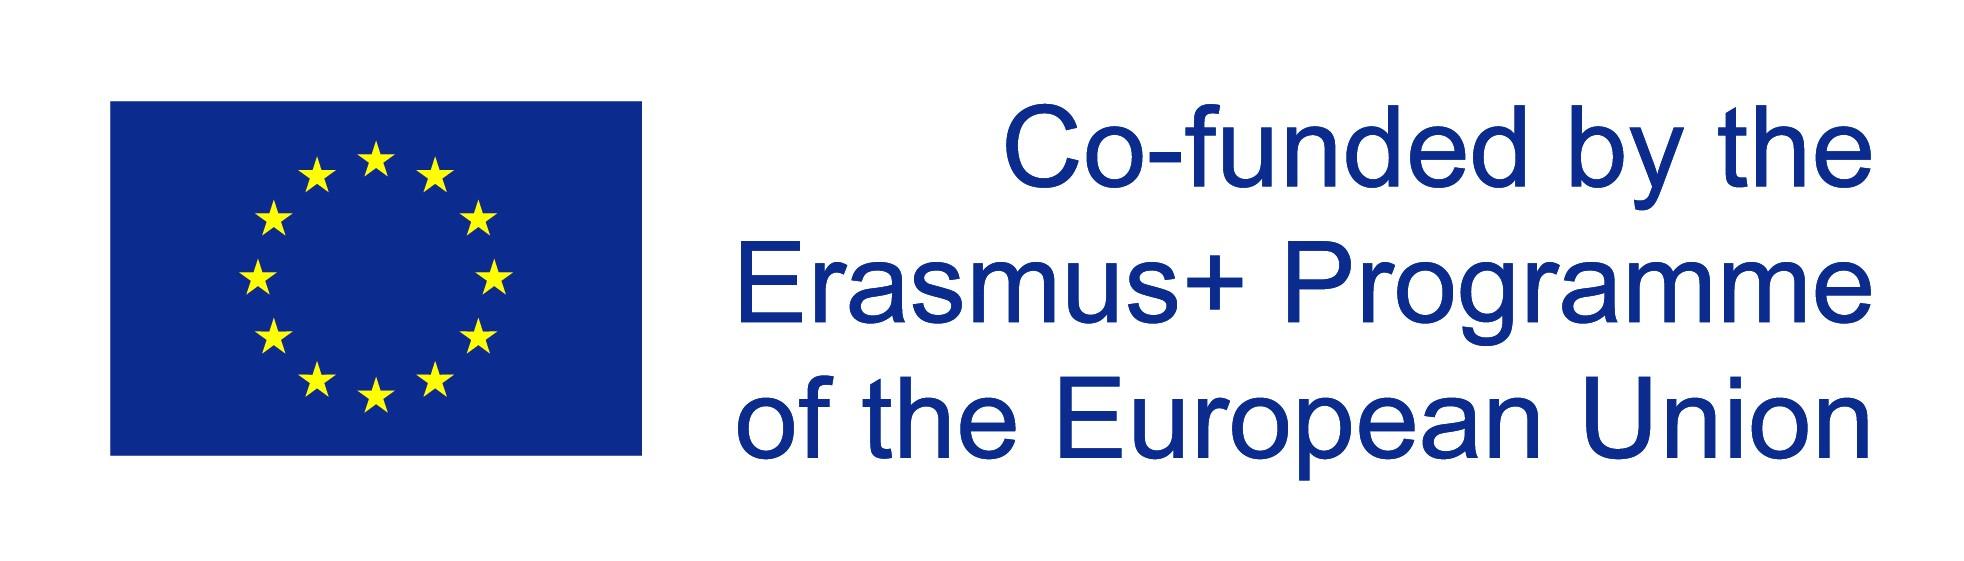 eufunding